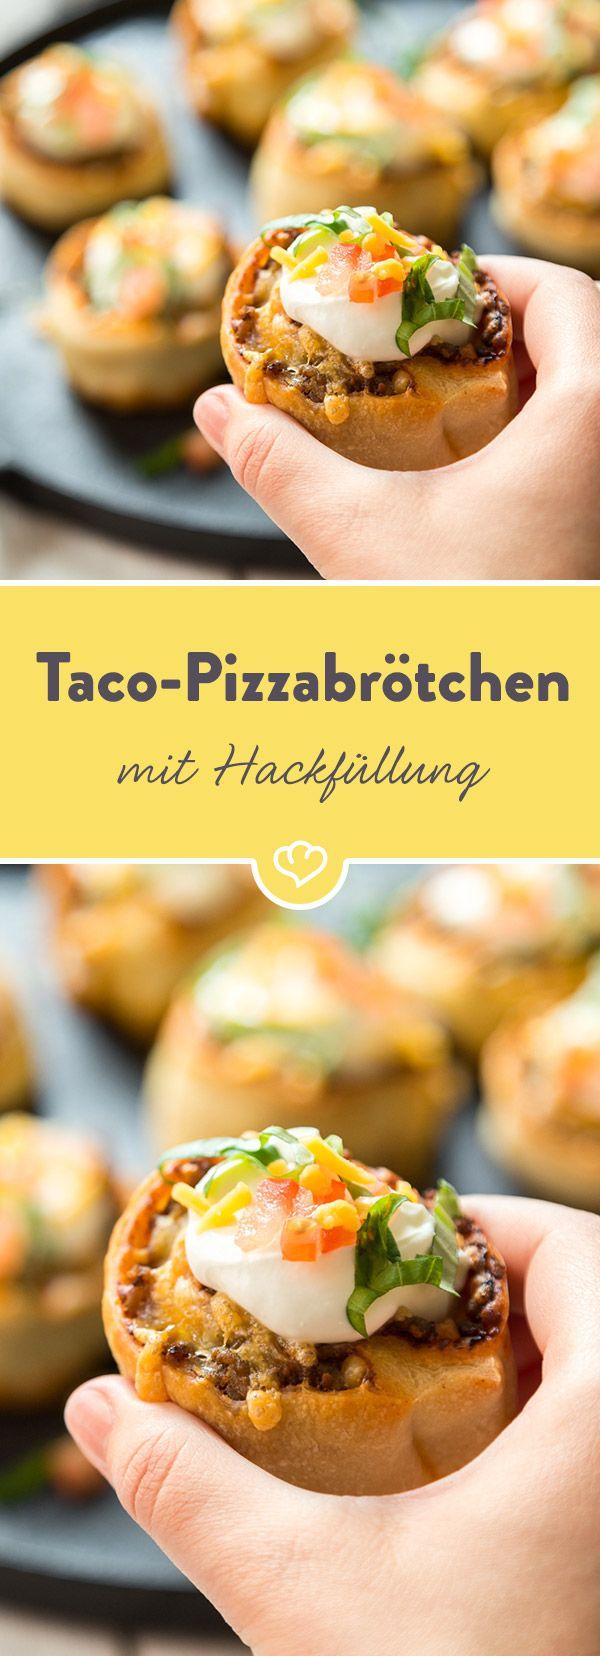 Fusion von Taco und Pizza: Heiße Brötchen aus Hefeteig werden wie ein Taco mit würzigem Hackfeisch und Käse gefüllt und mit Sour Cream getopped.